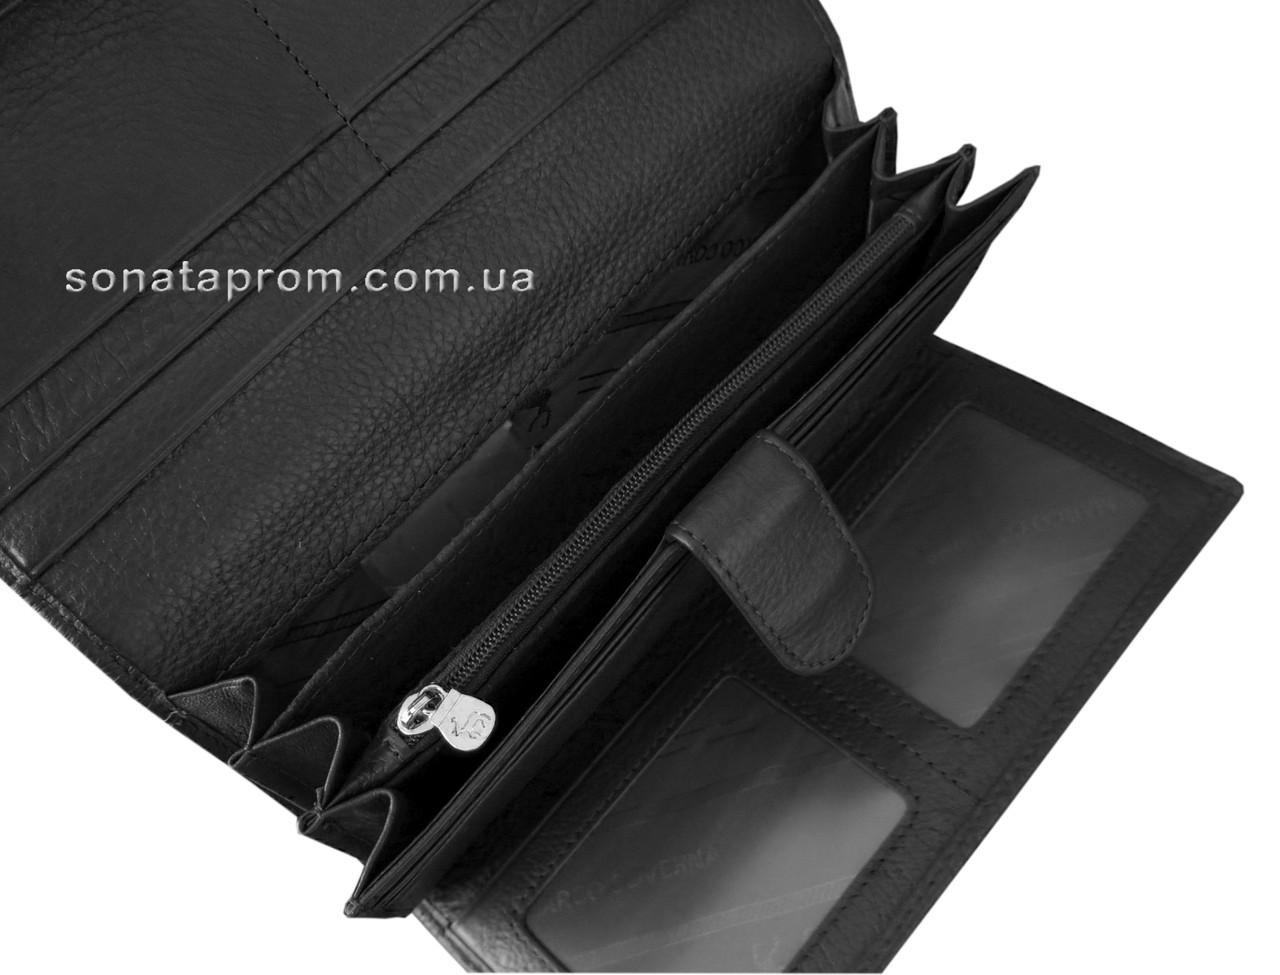 b09f8e9f9adb Большой кожаный женский кошелек Marco Coverna, цена 645,15 грн ...